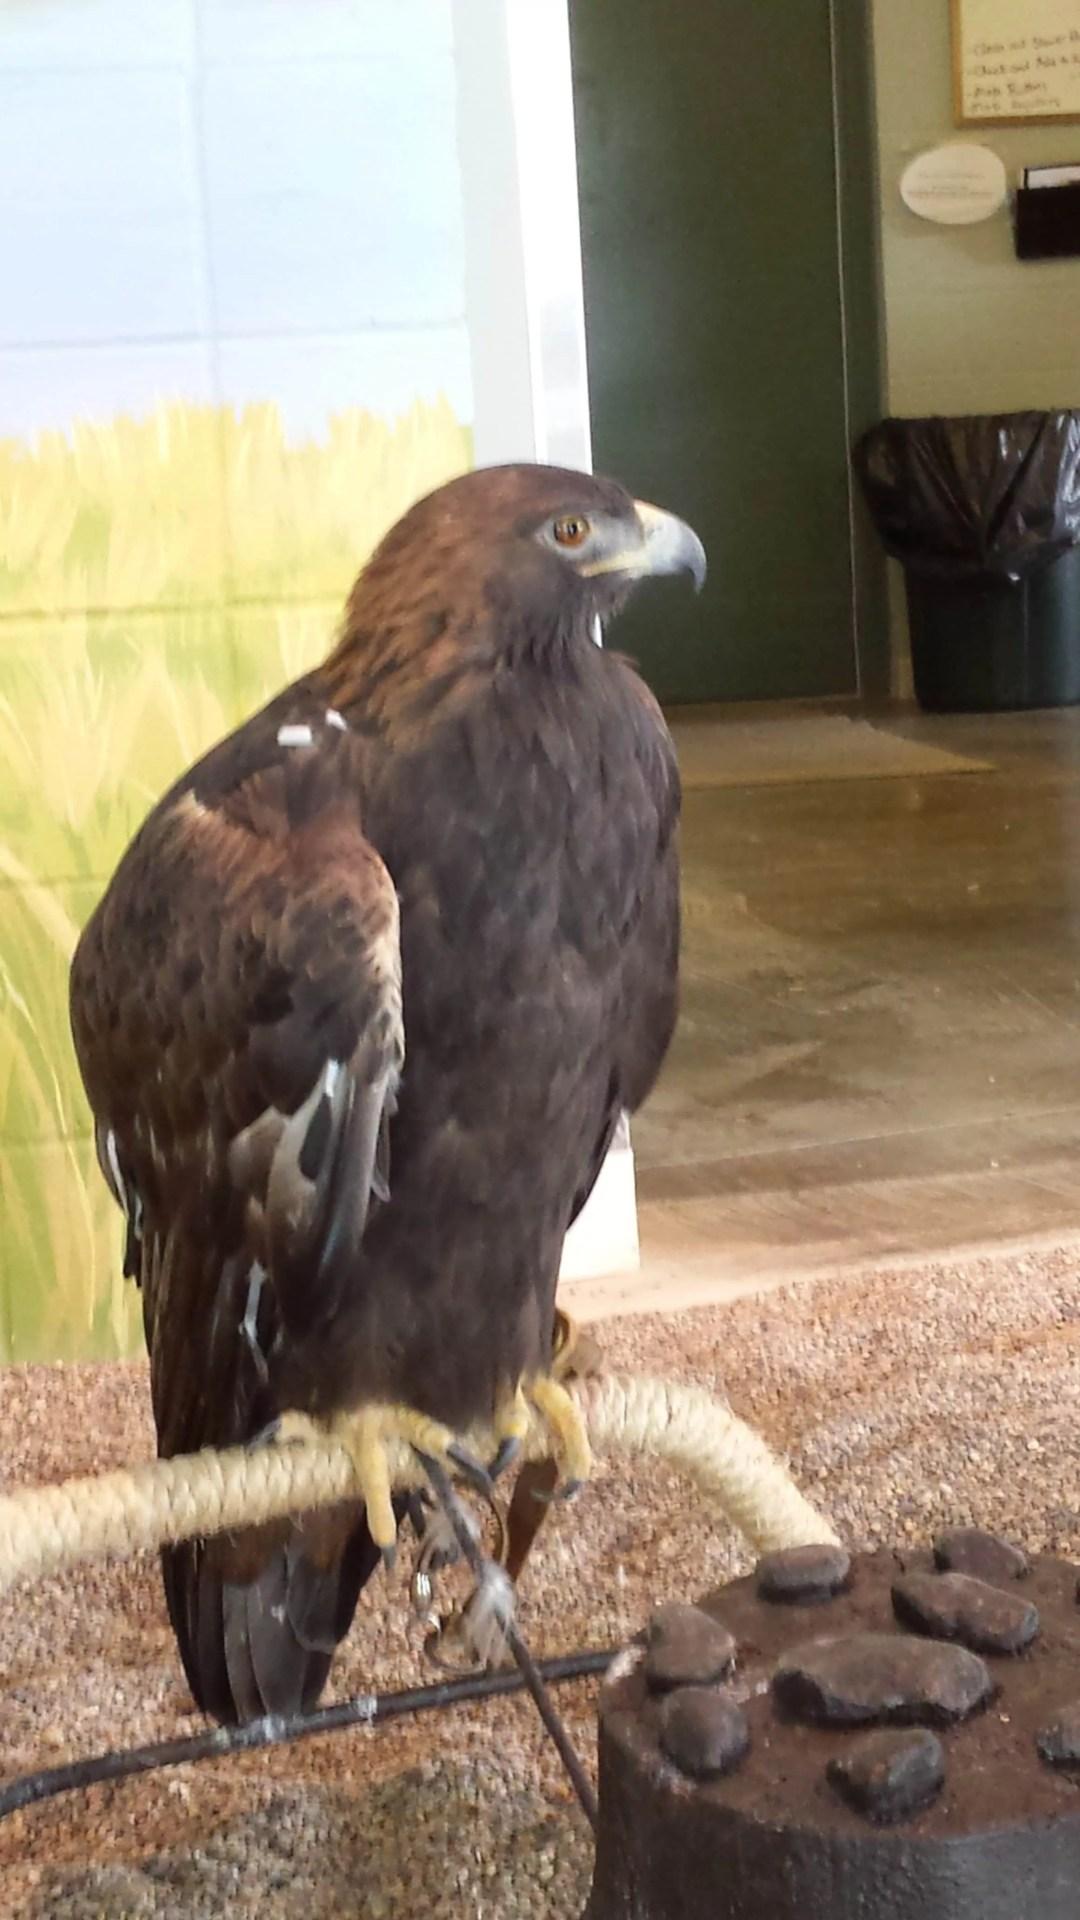 Golden Eagle at the National Eagle Center in Wabasha